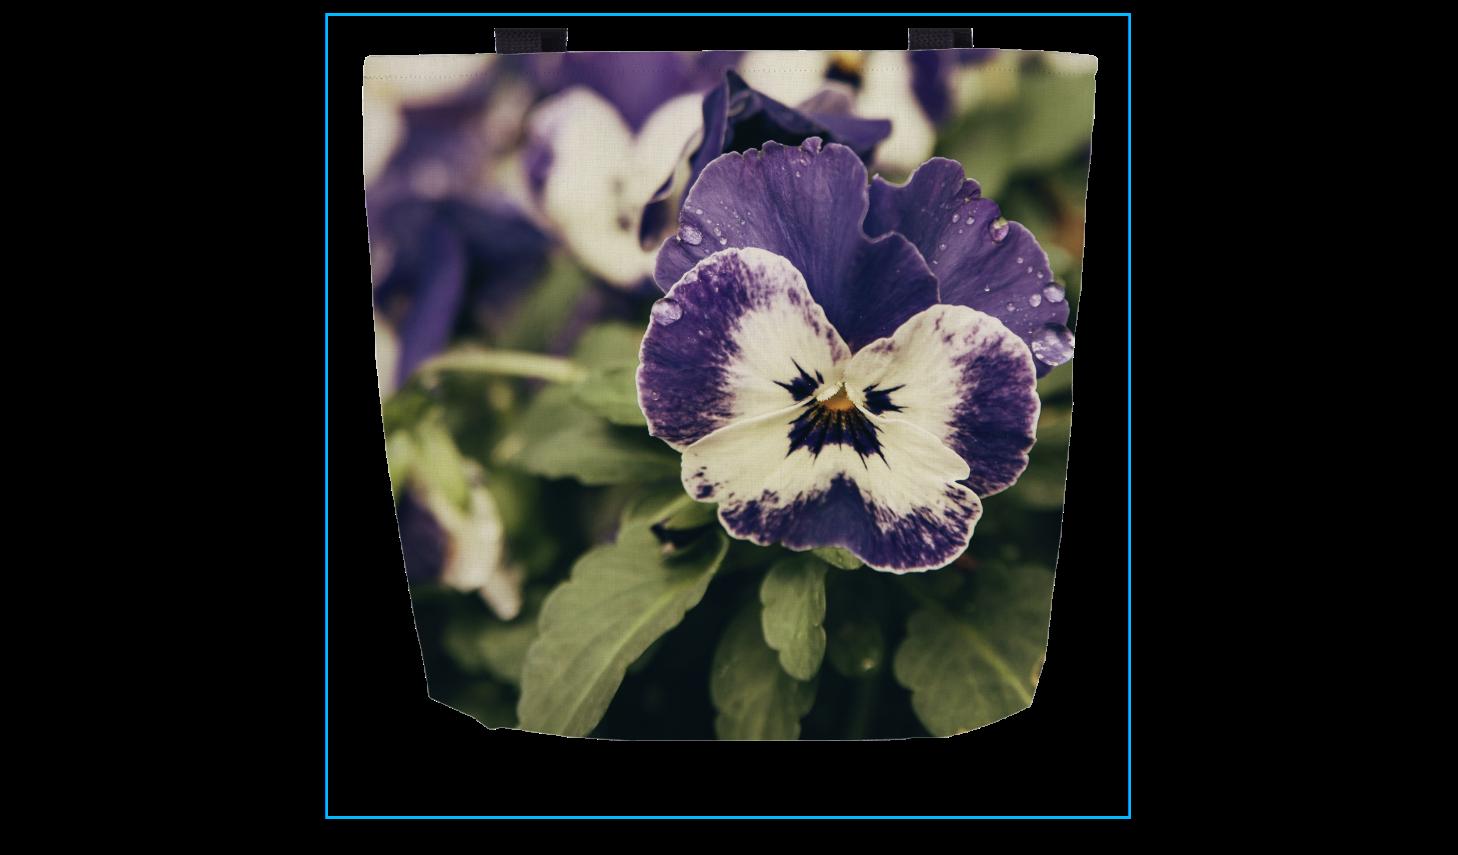 Pansy Flower Bag In 2020 Bags Pansies Flowers Flower Bag